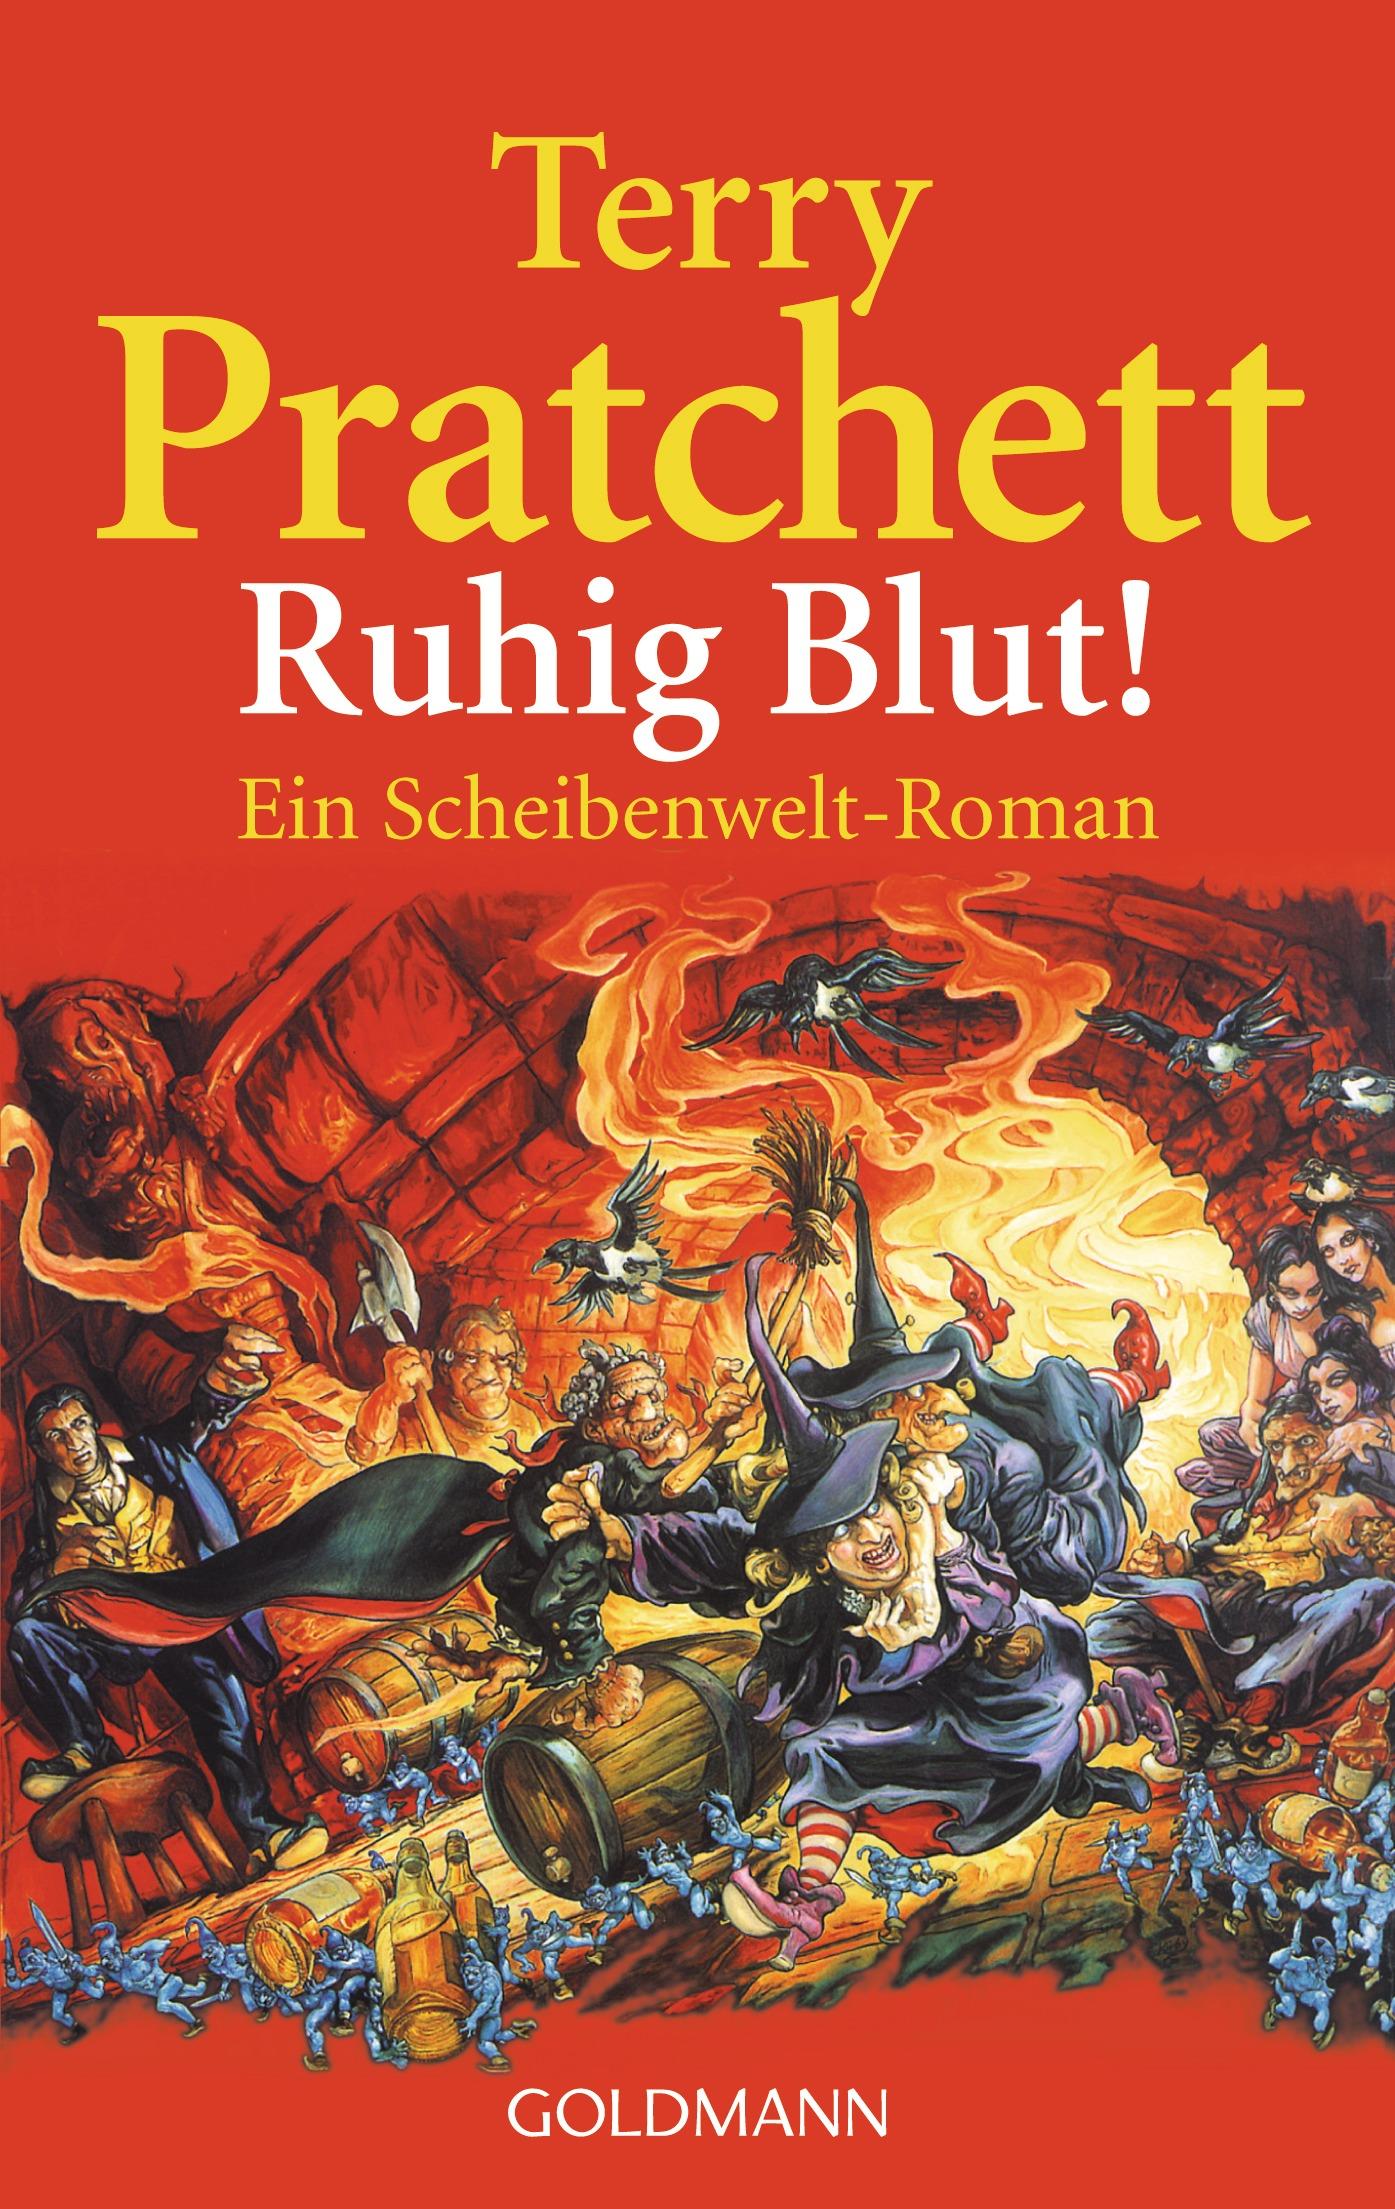 Ruhig Blut! - Ein Scheibenwelt-Roman - Terry Pratchett